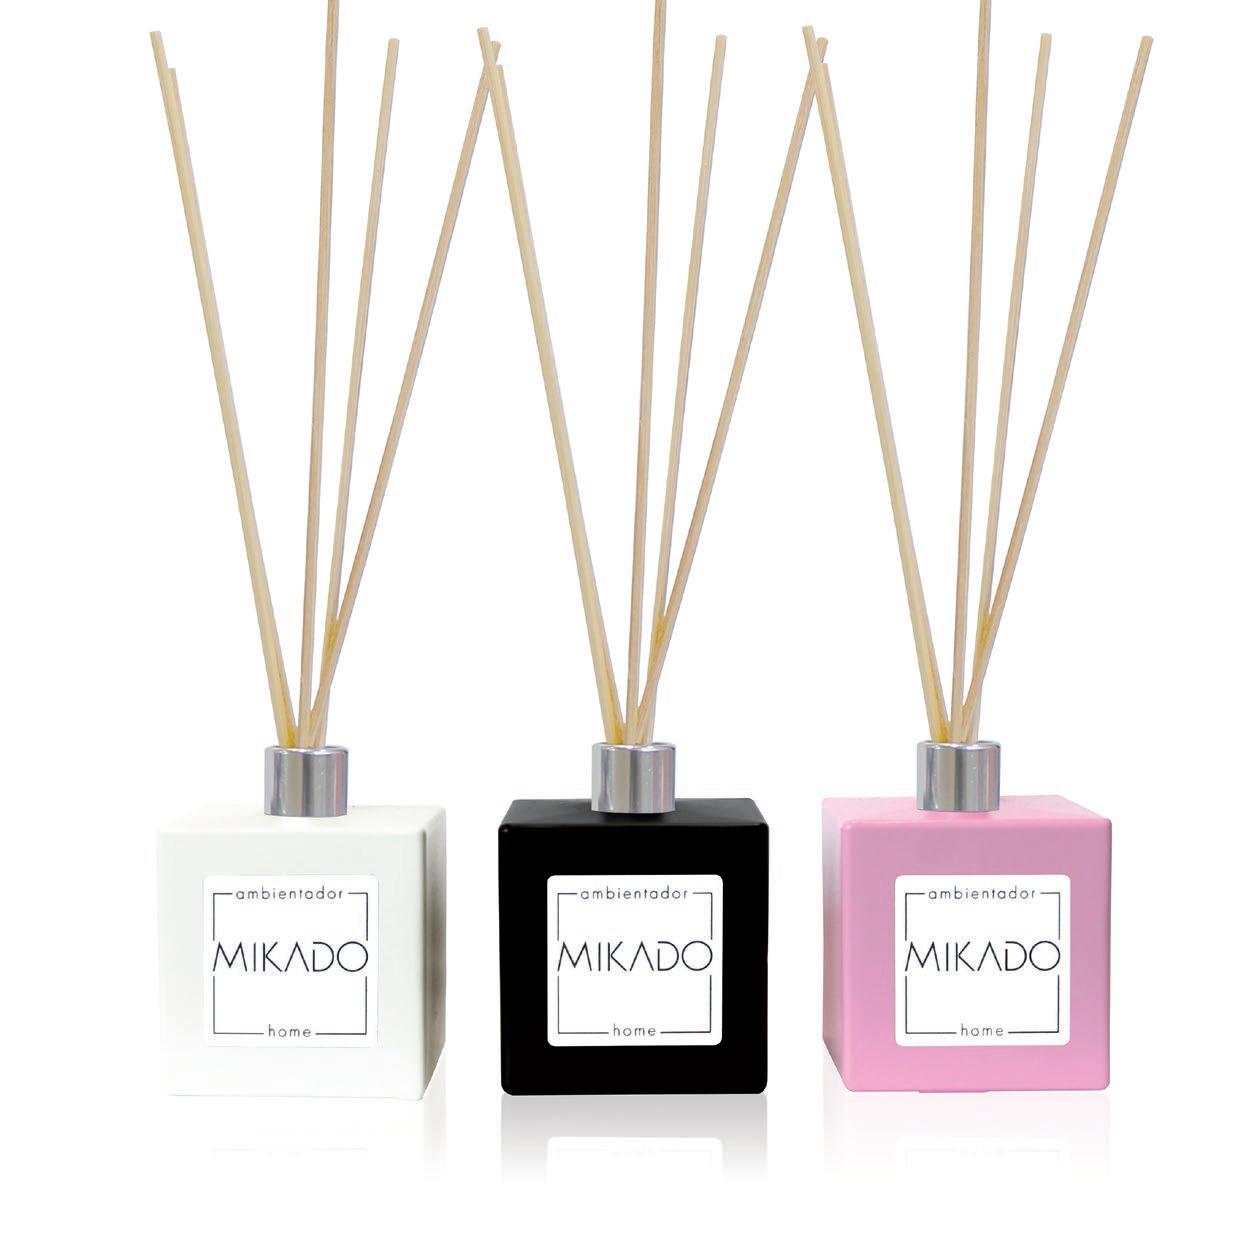 Mikado ambientador completo 100 ml con frasco cerámico blanco, negro o rosa de 100 ml y 5 varillas fragancia chicle